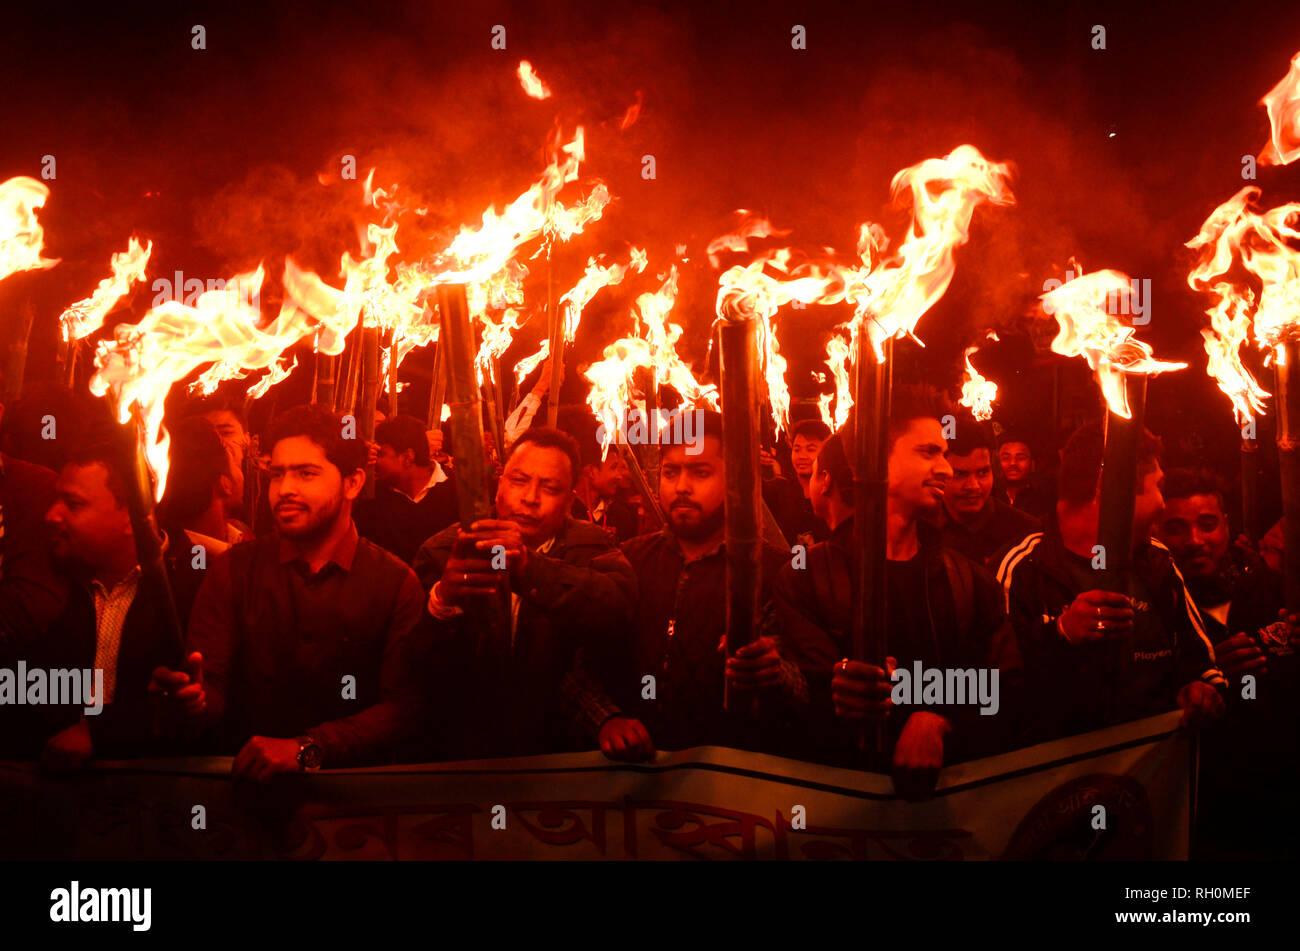 Guwahati, Assam, Inde. 31 janvier, 2019. Protestation contre le projet de loi portant modification de la loi de citoyenneté. Guwahati, Assam, Inde. Le 31 janvier 2019. Tous les militants de l'Assam Students Union (AASU) ainsi que 30 organisations autochtones prendre une lumière de torches procession pour protester contre la modification de la loi de citoyenneté. Le projet de loi s'efforcera d'accorder la citoyenneté à des minorités qui ont fui la persécution religieuse du Bangladesh voisin, le Pakistan et l'Afghanistan vers l'Inde. Crédit: David Talukdar/Alamy Live News Photo Stock